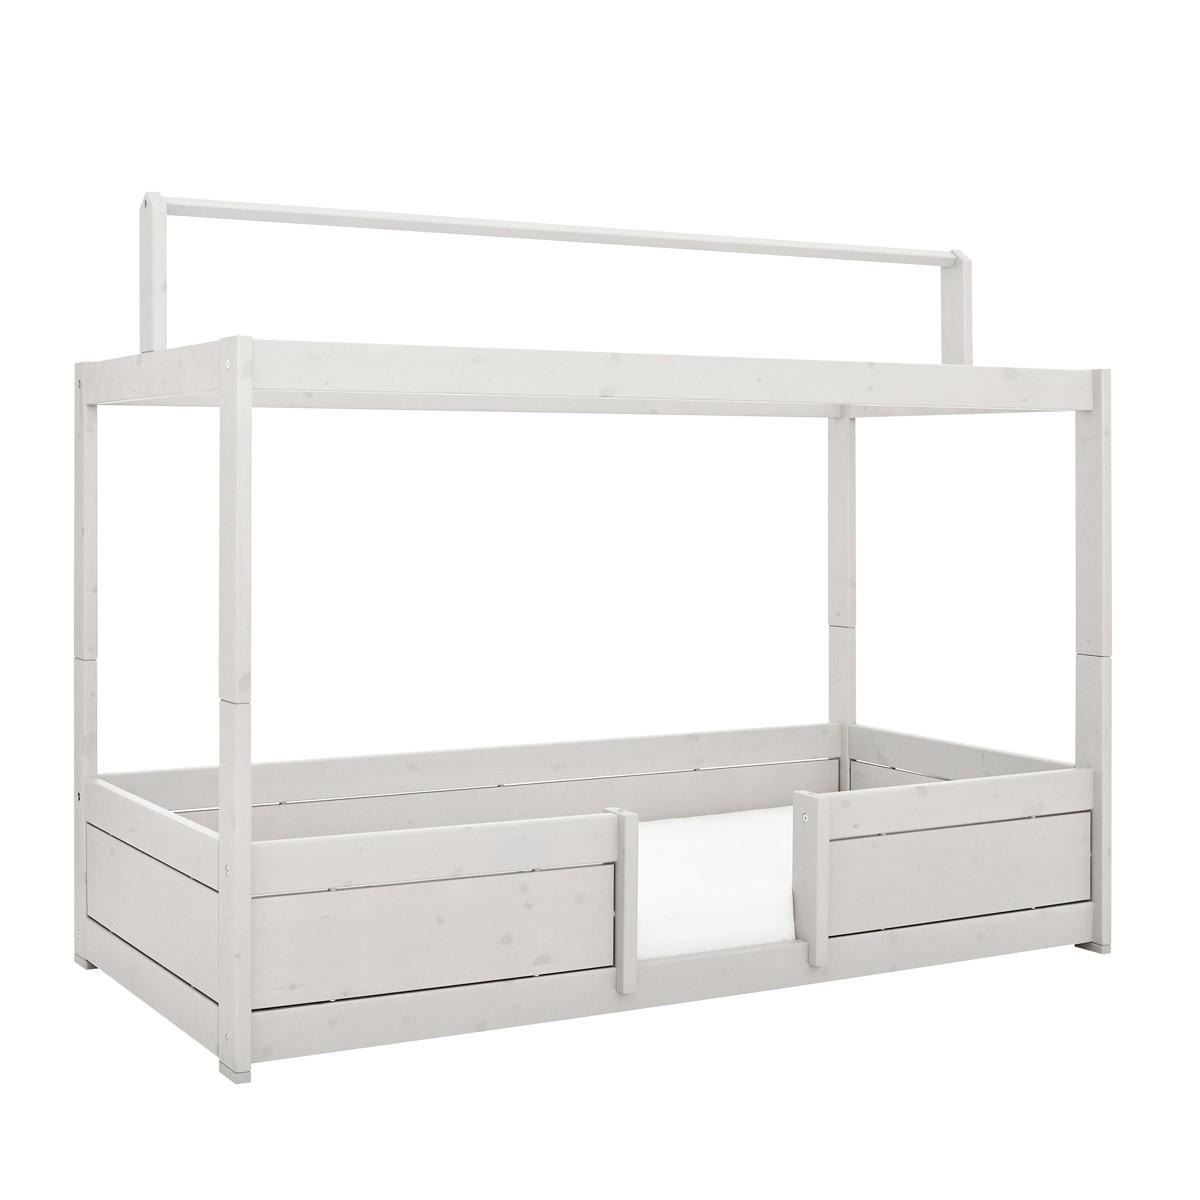 Lifetime 4 in Bett mit Dachkonstruktion in whitewash